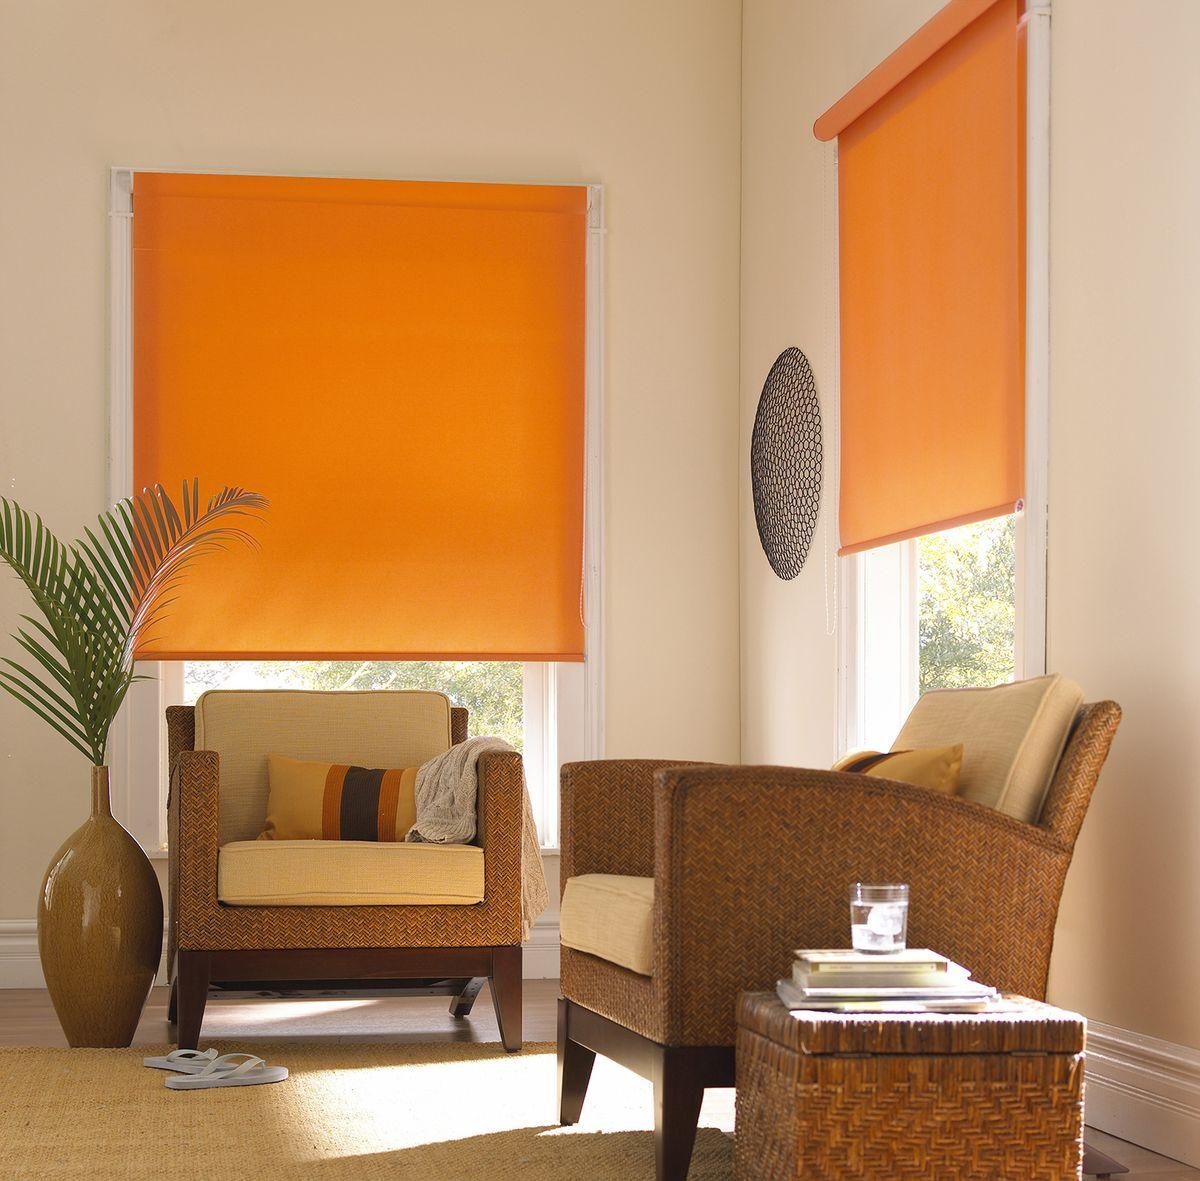 Штора рулонная Эскар Миниролло, цвет: апельсин, ширина 83 см, высота 170 см31203083170Рулонная штора Эскар Миниролло выполнена из высокопрочной ткани, которая сохраняет свой размер даже при намокании. Ткань не выцветает и обладает отличной цветоустойчивостью.Миниролло - это подвид рулонных штор, который закрывает не весь оконный проем, а непосредственно само стекло. Такие шторы крепятся на раму без сверления при помощи зажимов или клейкой двухсторонней ленты (в комплекте). Окно остается на гарантии, благодаря монтажу без сверления. Такая штора станет прекрасным элементом декора окна и гармонично впишется в интерьер любого помещения.